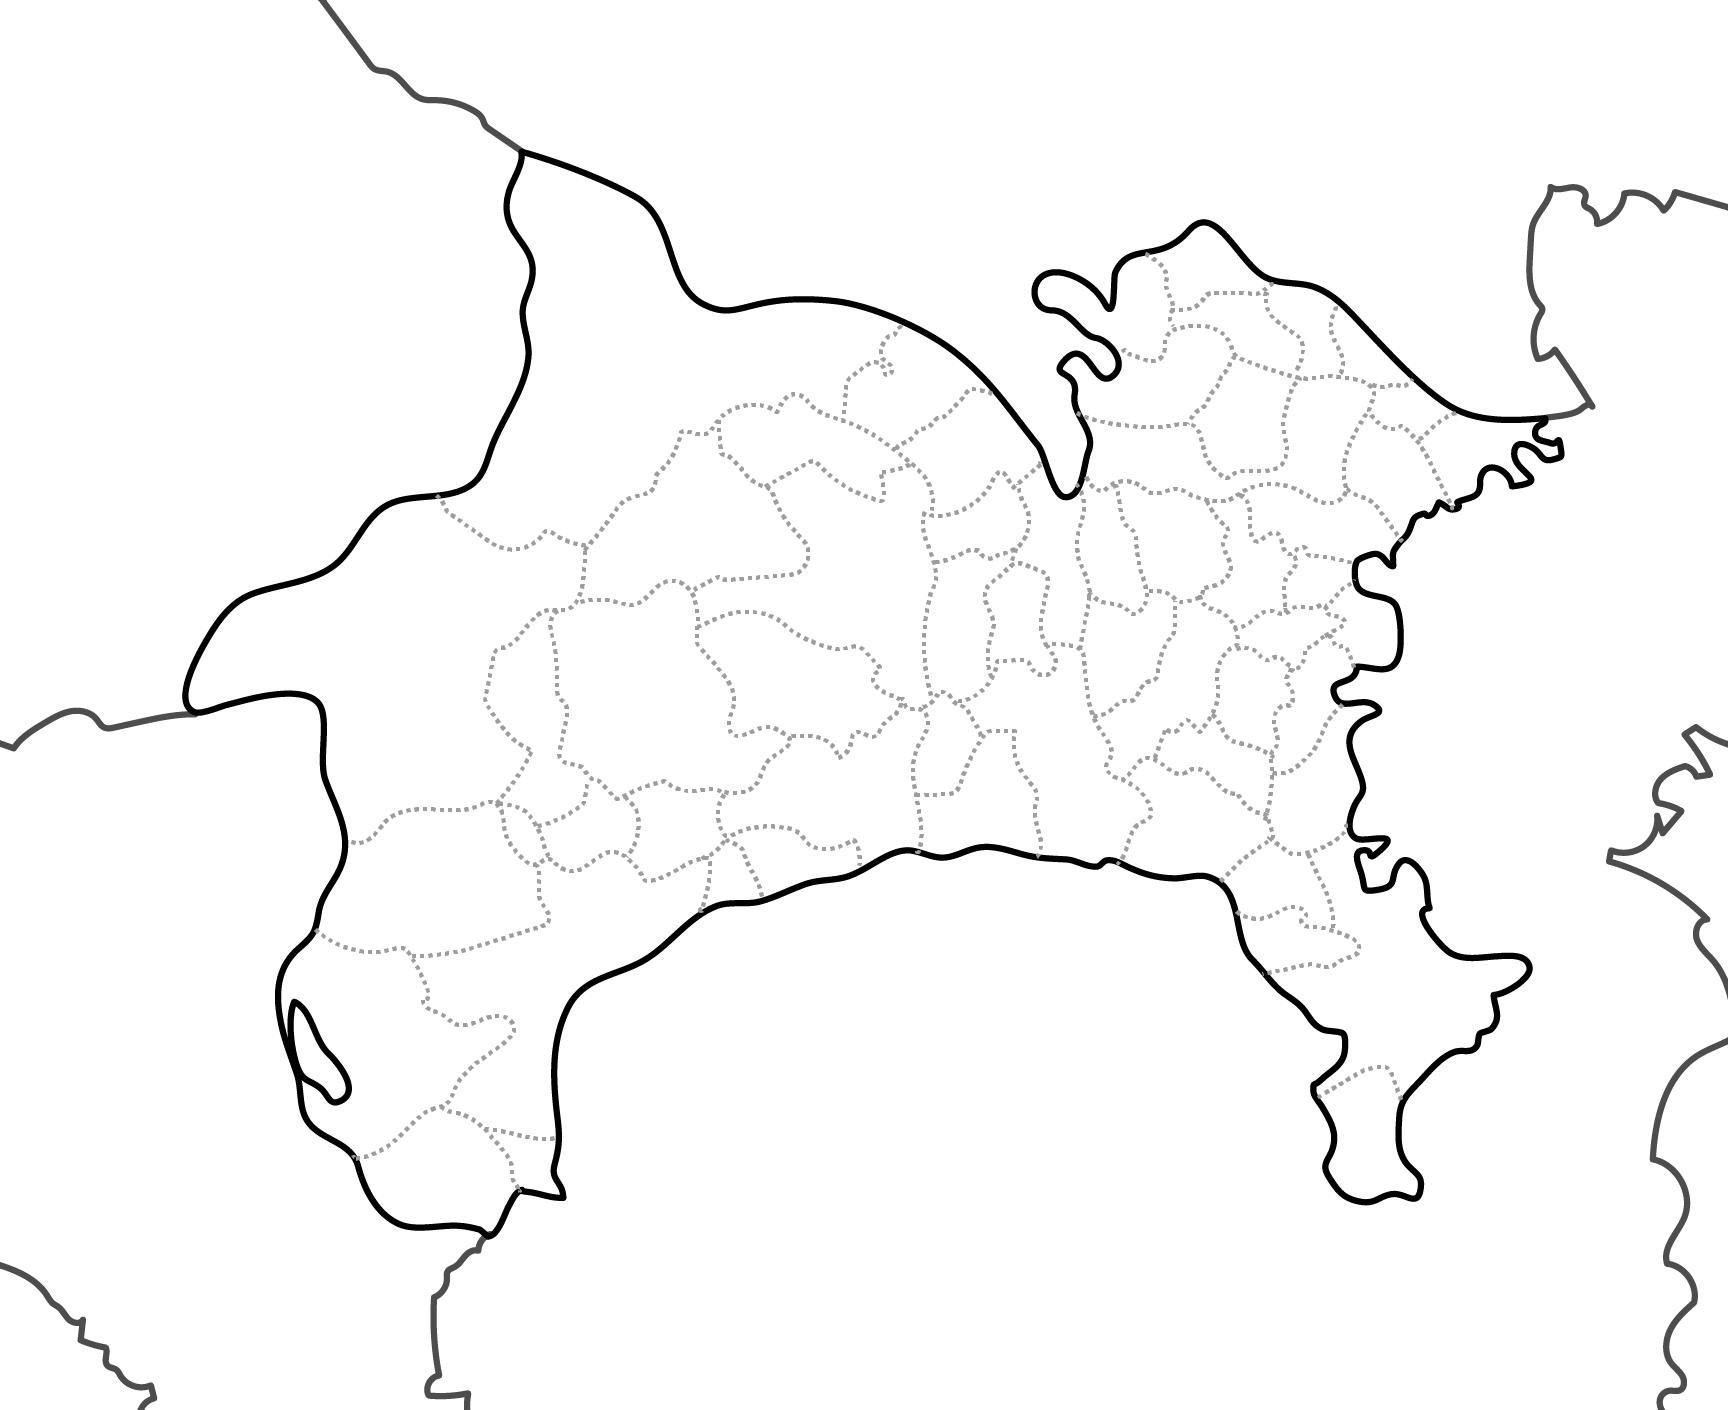 [白地図]神奈川県・ラインあり・市区町村名なし・隣県なし